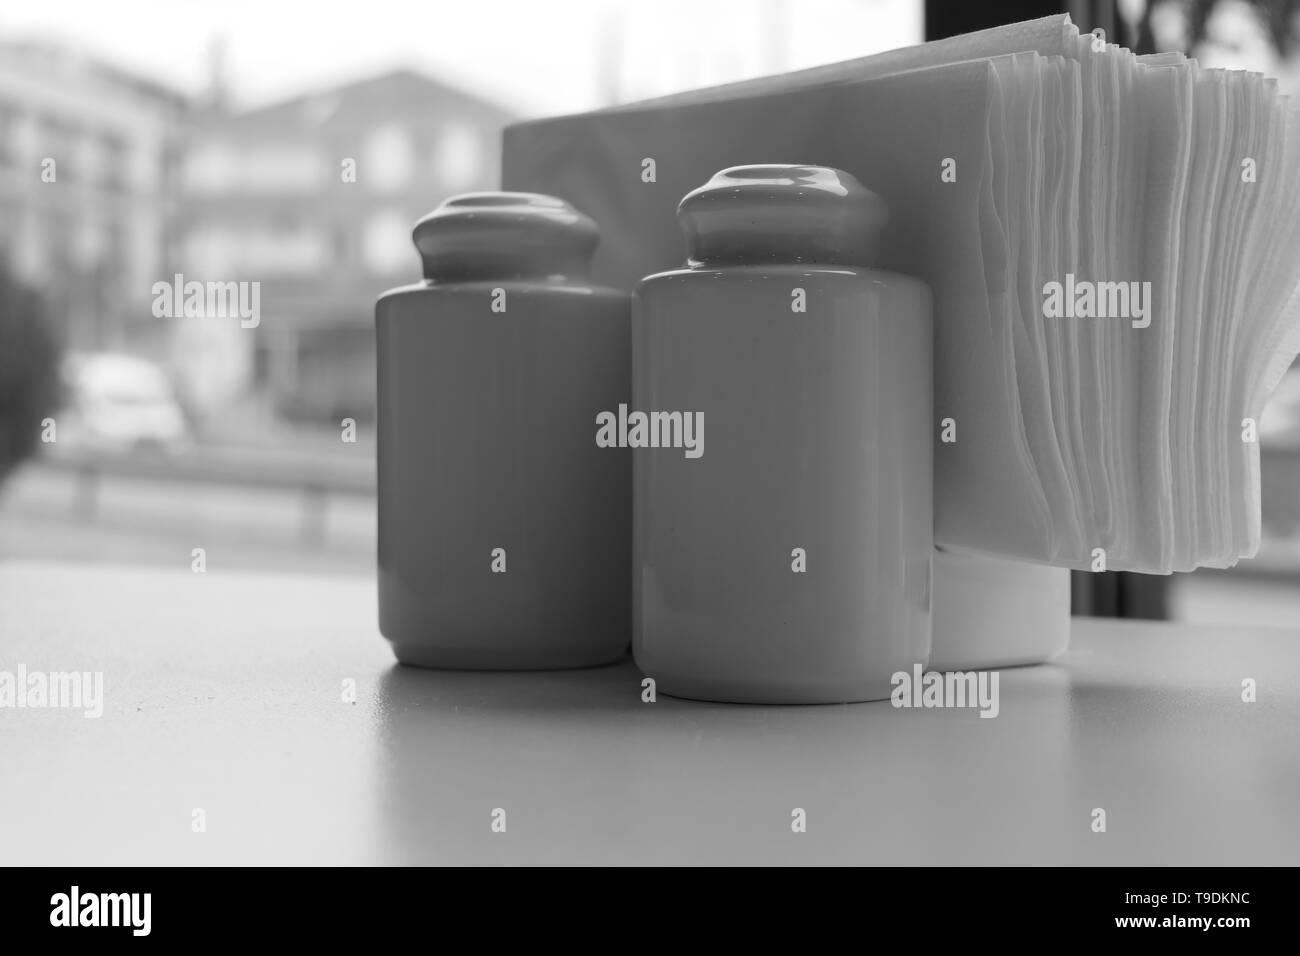 Salz- und Pfefferstreuer in künstlerischen Graustufen Stockbild